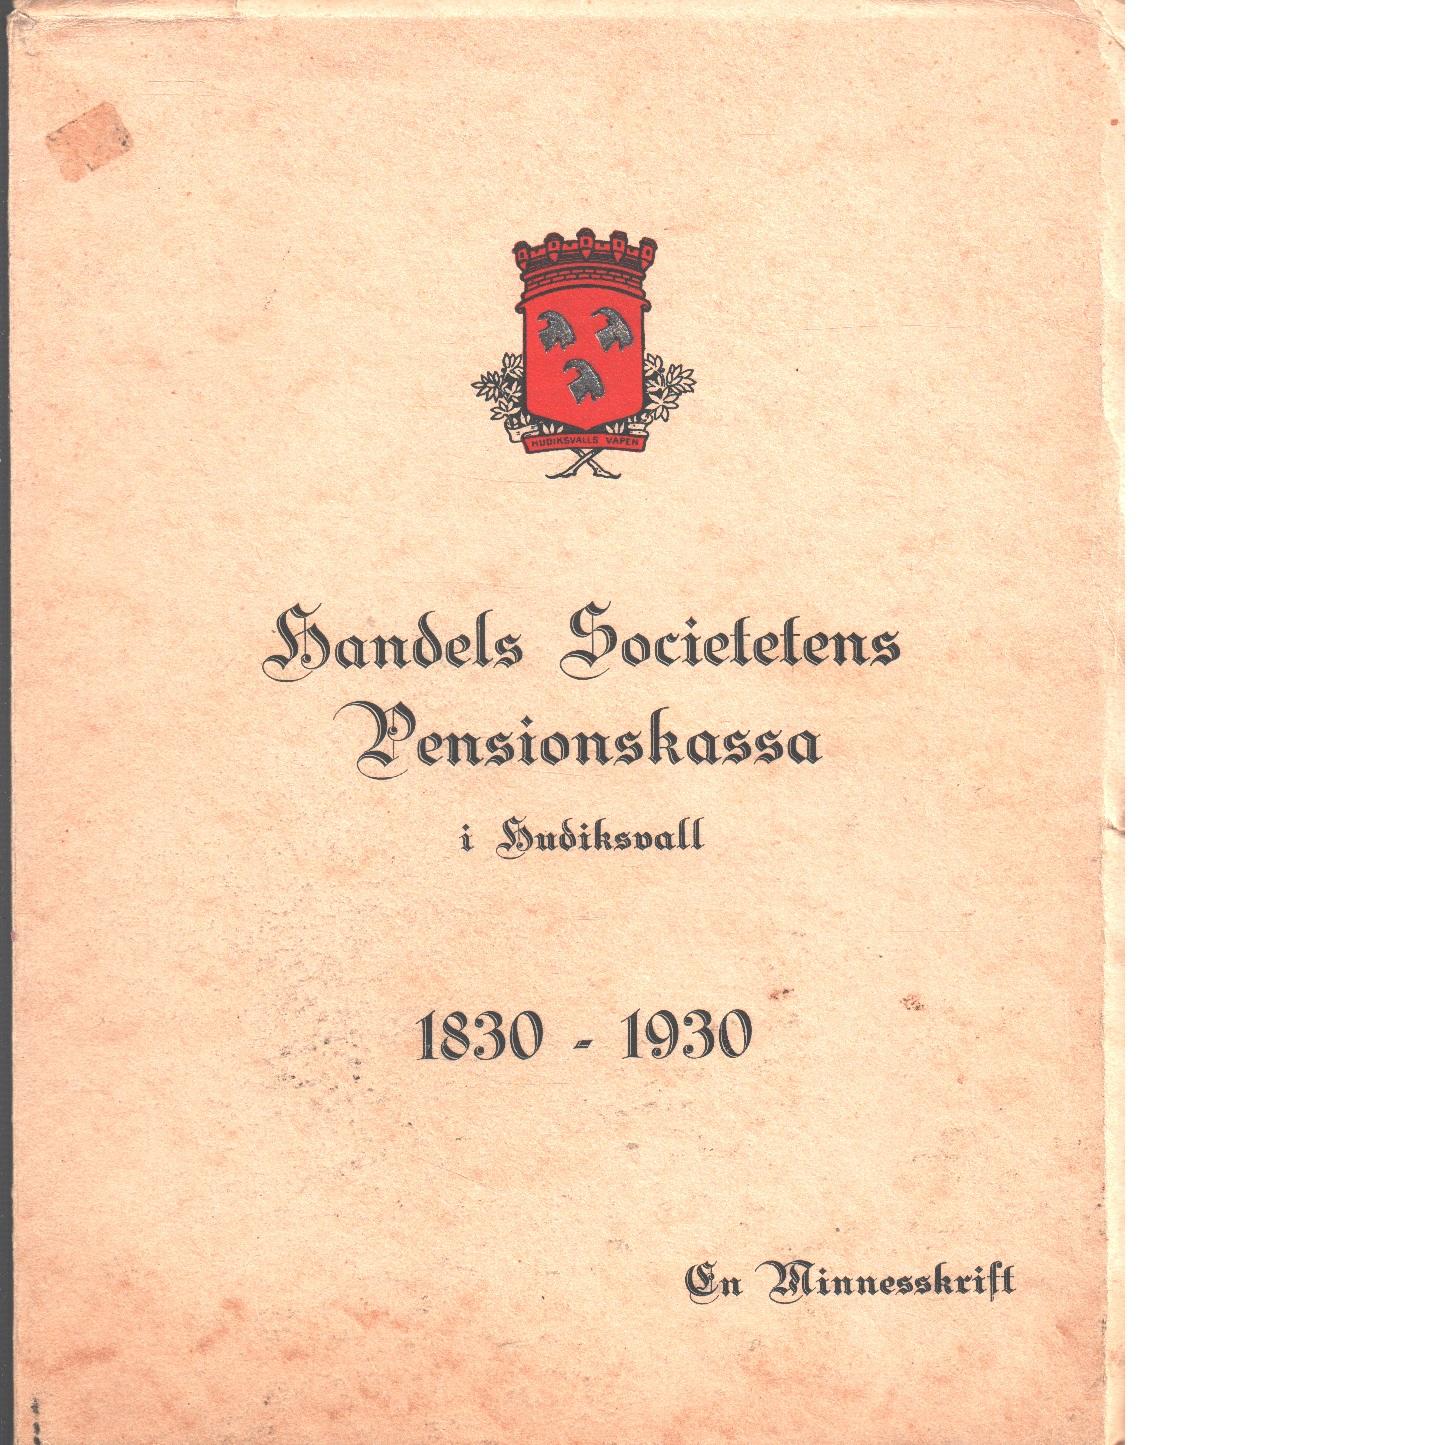 Handels societetens pensionskassa i Hudiksvall : 1830-1930 : en minnesskrift - Westberg, M.